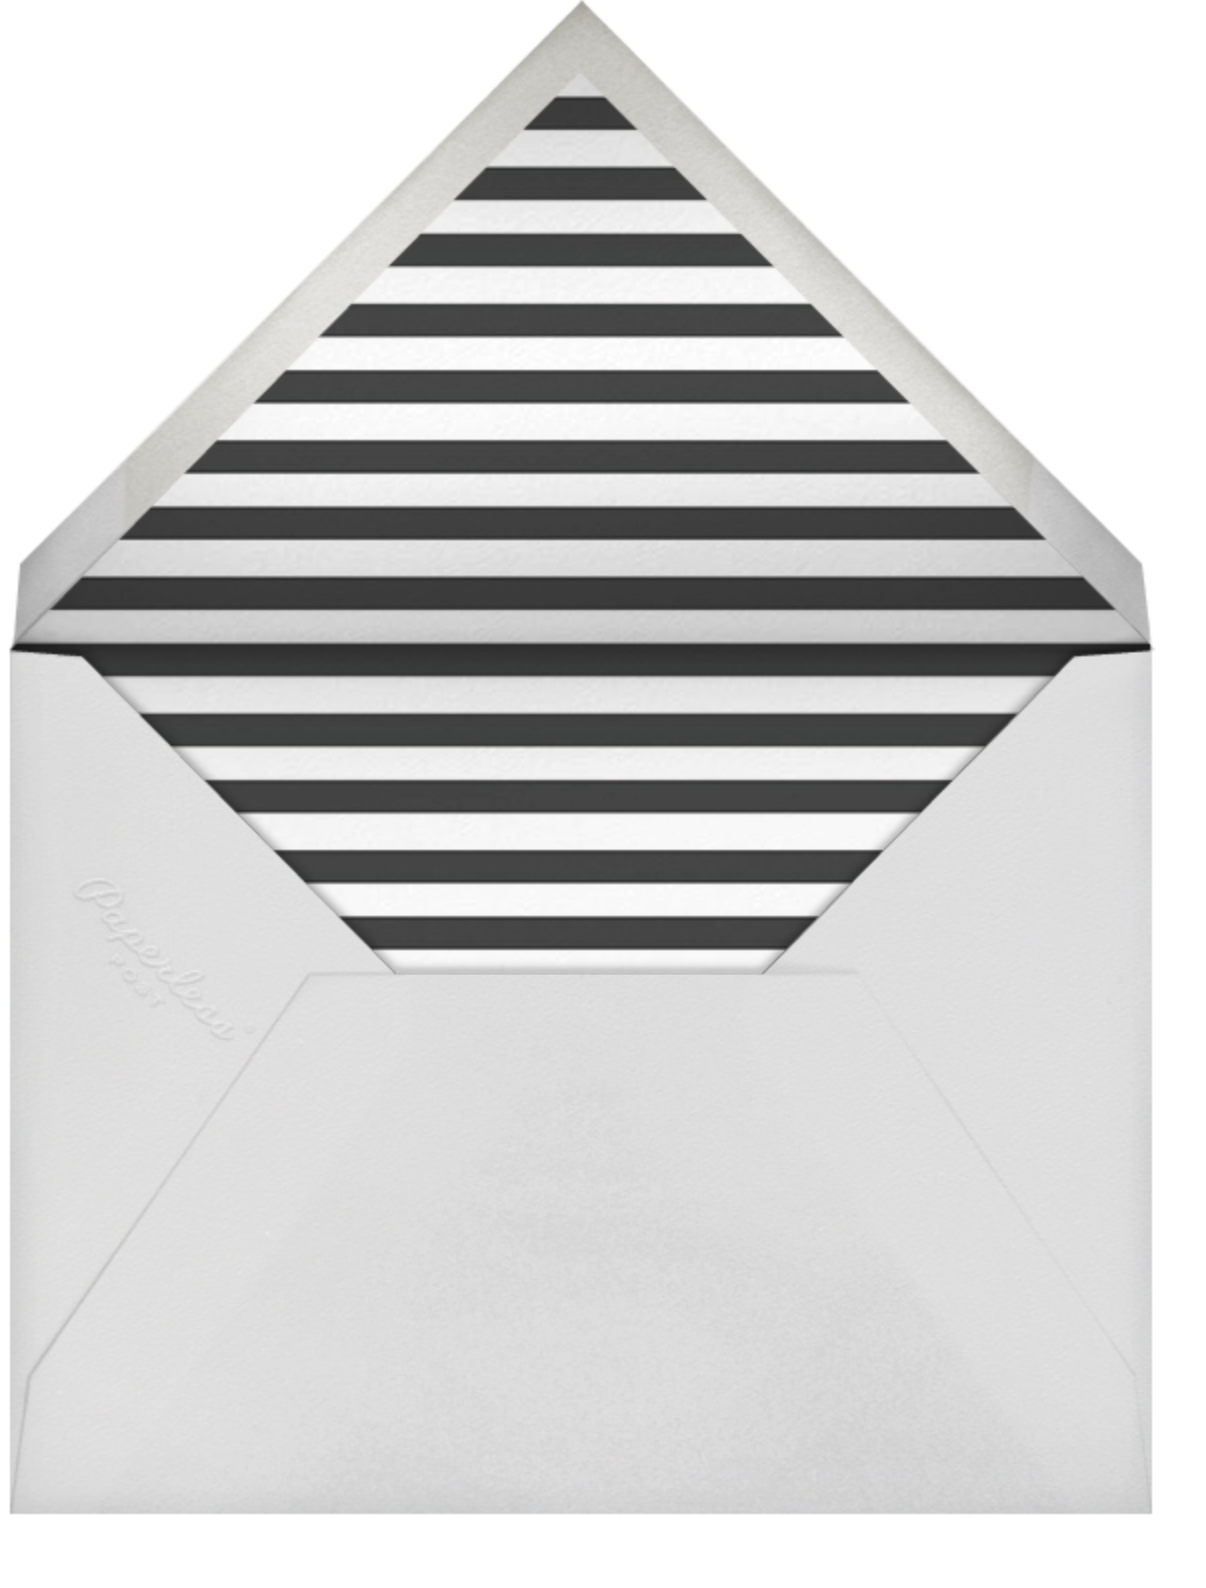 Celebration Stripe - Black/Gold - Sugar Paper - Adult birthday - envelope back